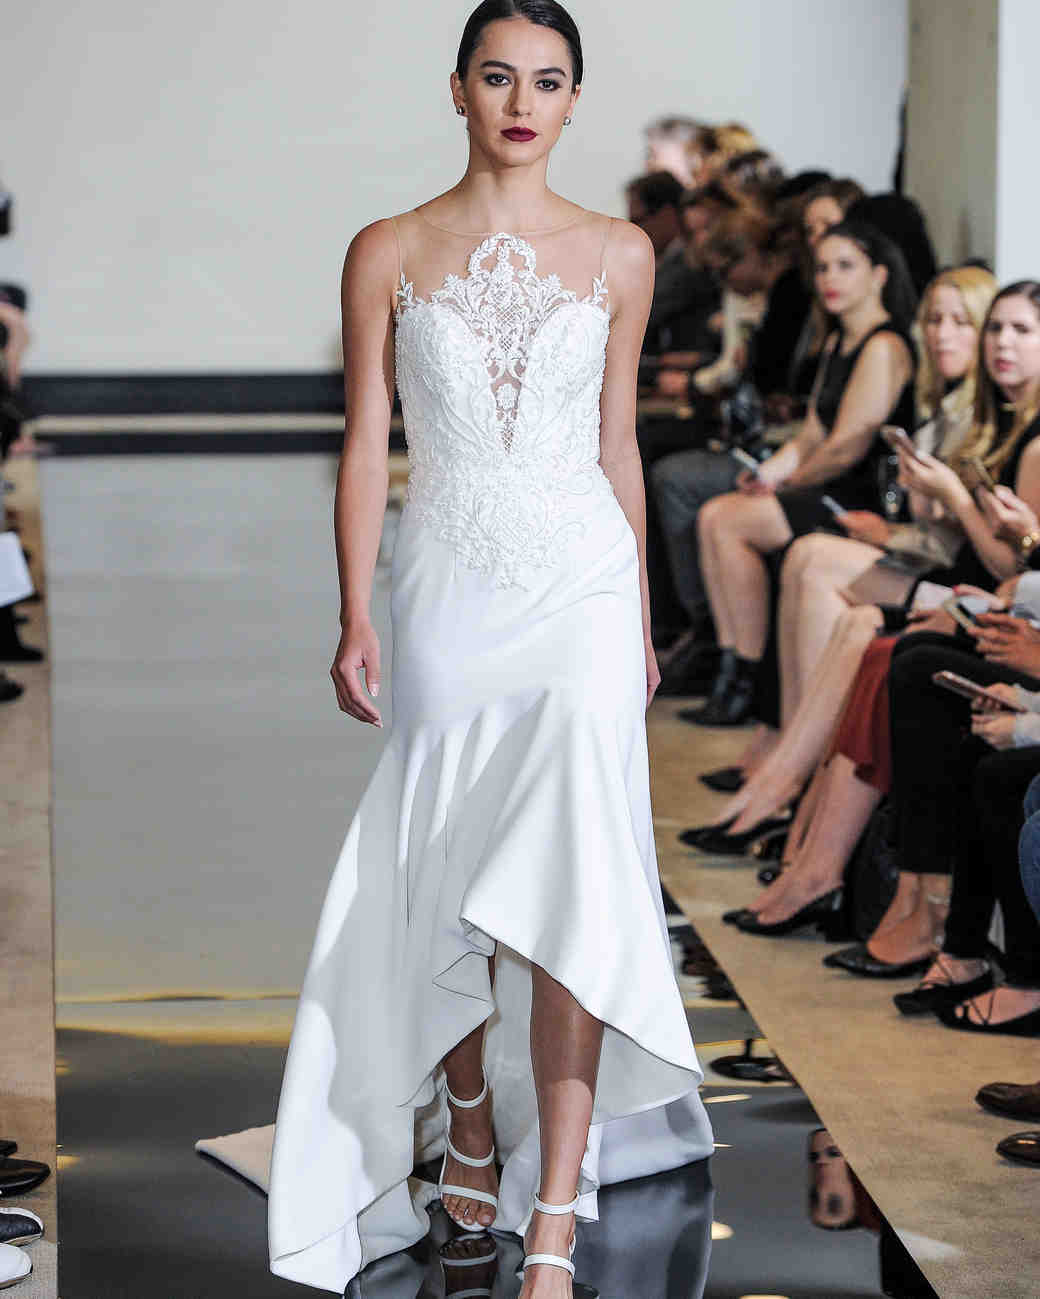 Justin Alexander Trumpet Wedding Dress with Illusion Neckline Spring 2018